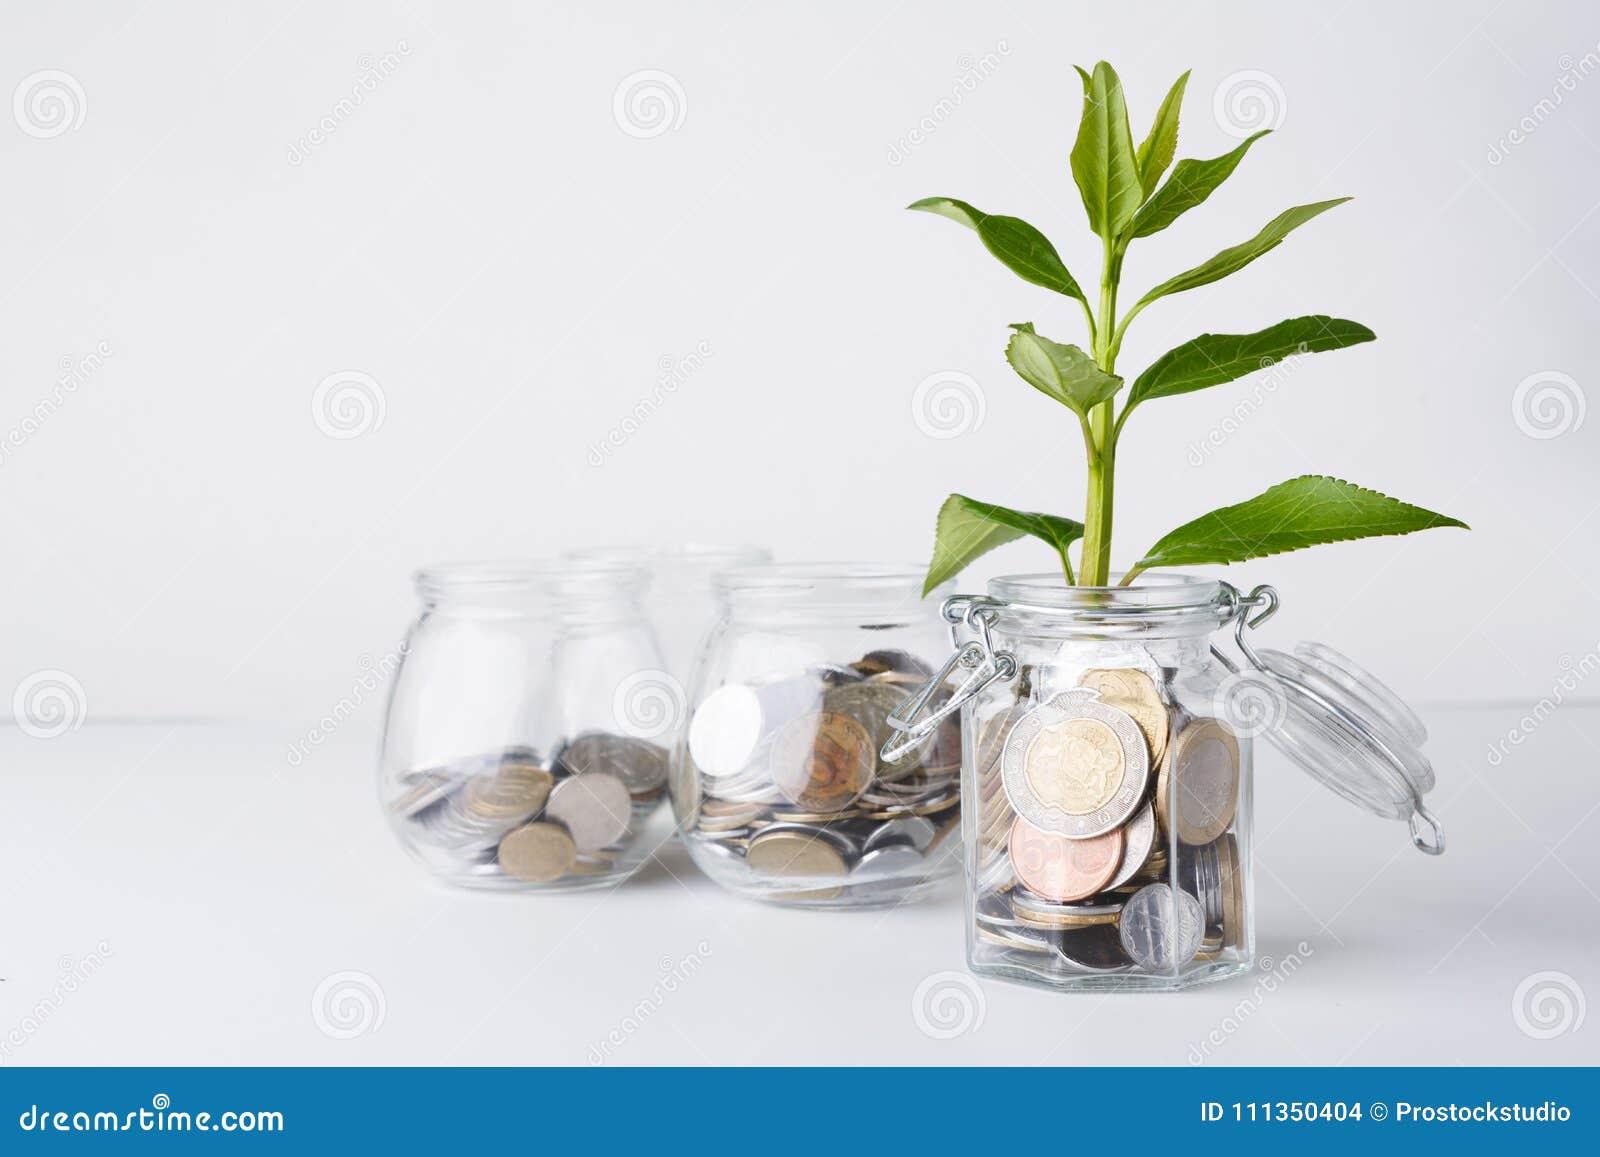 Ανάπτυξη εγκαταστάσεων στα νομίσματα στο βάζο γυαλιού